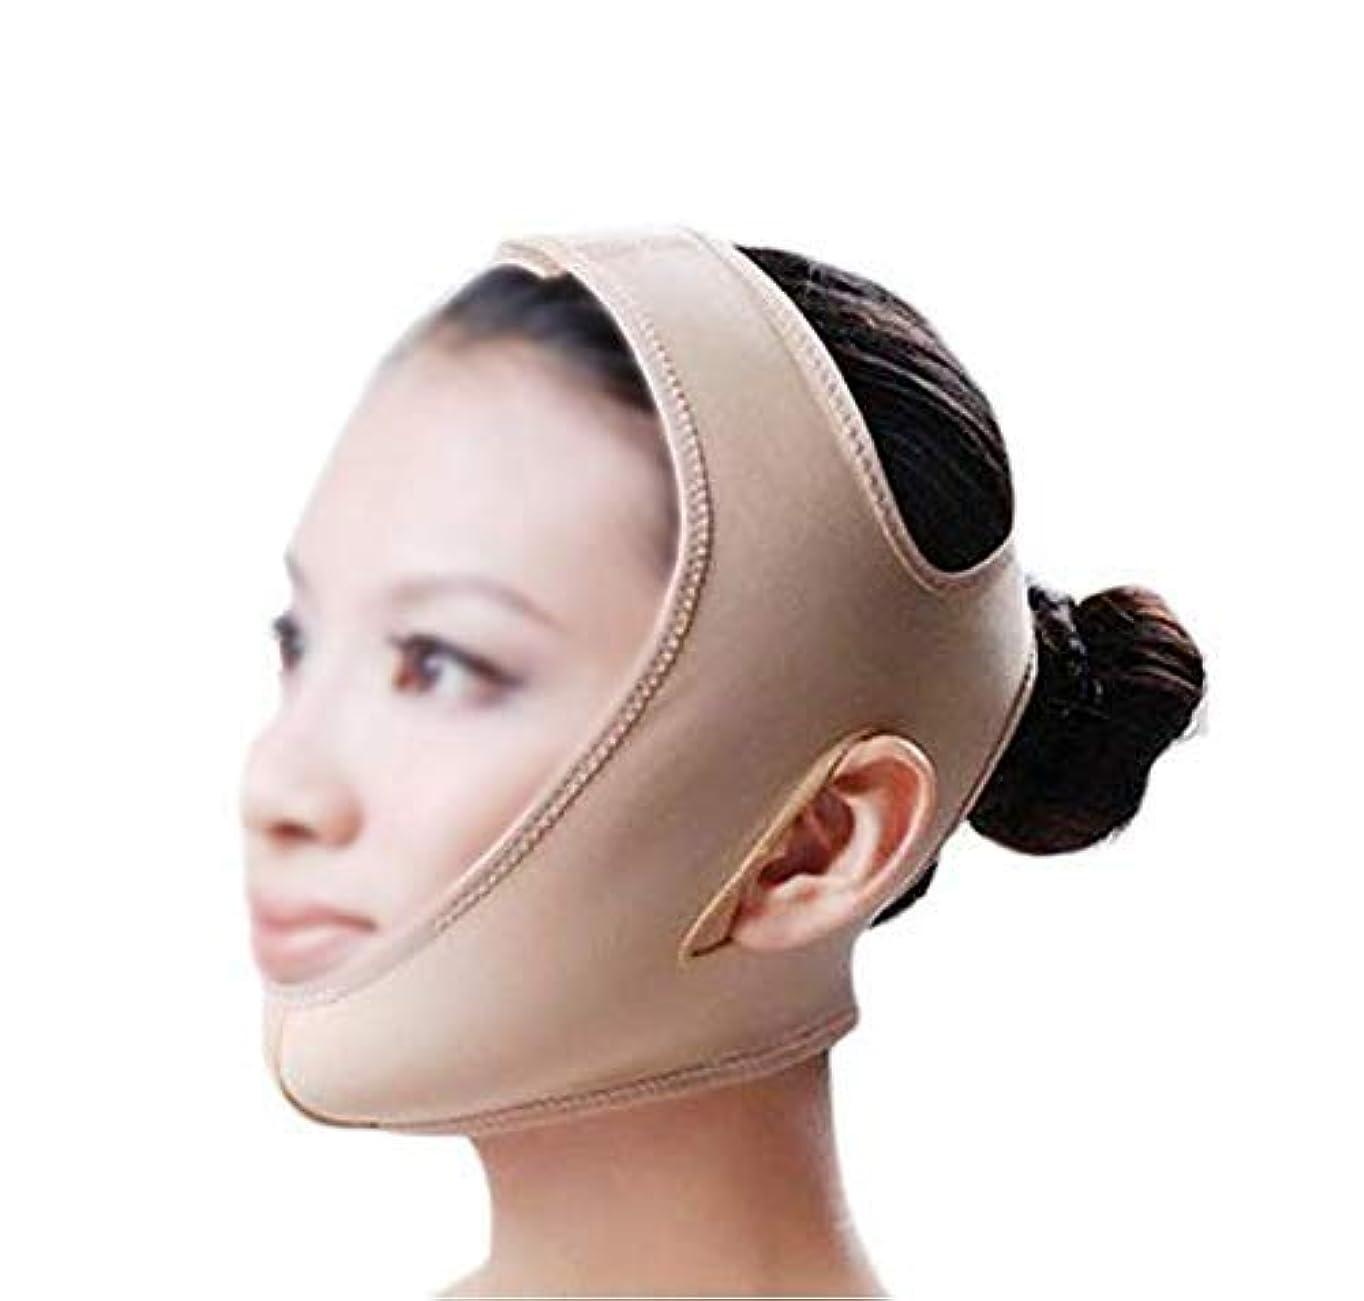 ファーミングフェイスマスク、マスクフェイスマスク美容医学フェイスマスク美容Vフェイス包帯ライン彫刻リフティングファーミングダブルチンマスク(サイズ:S),S